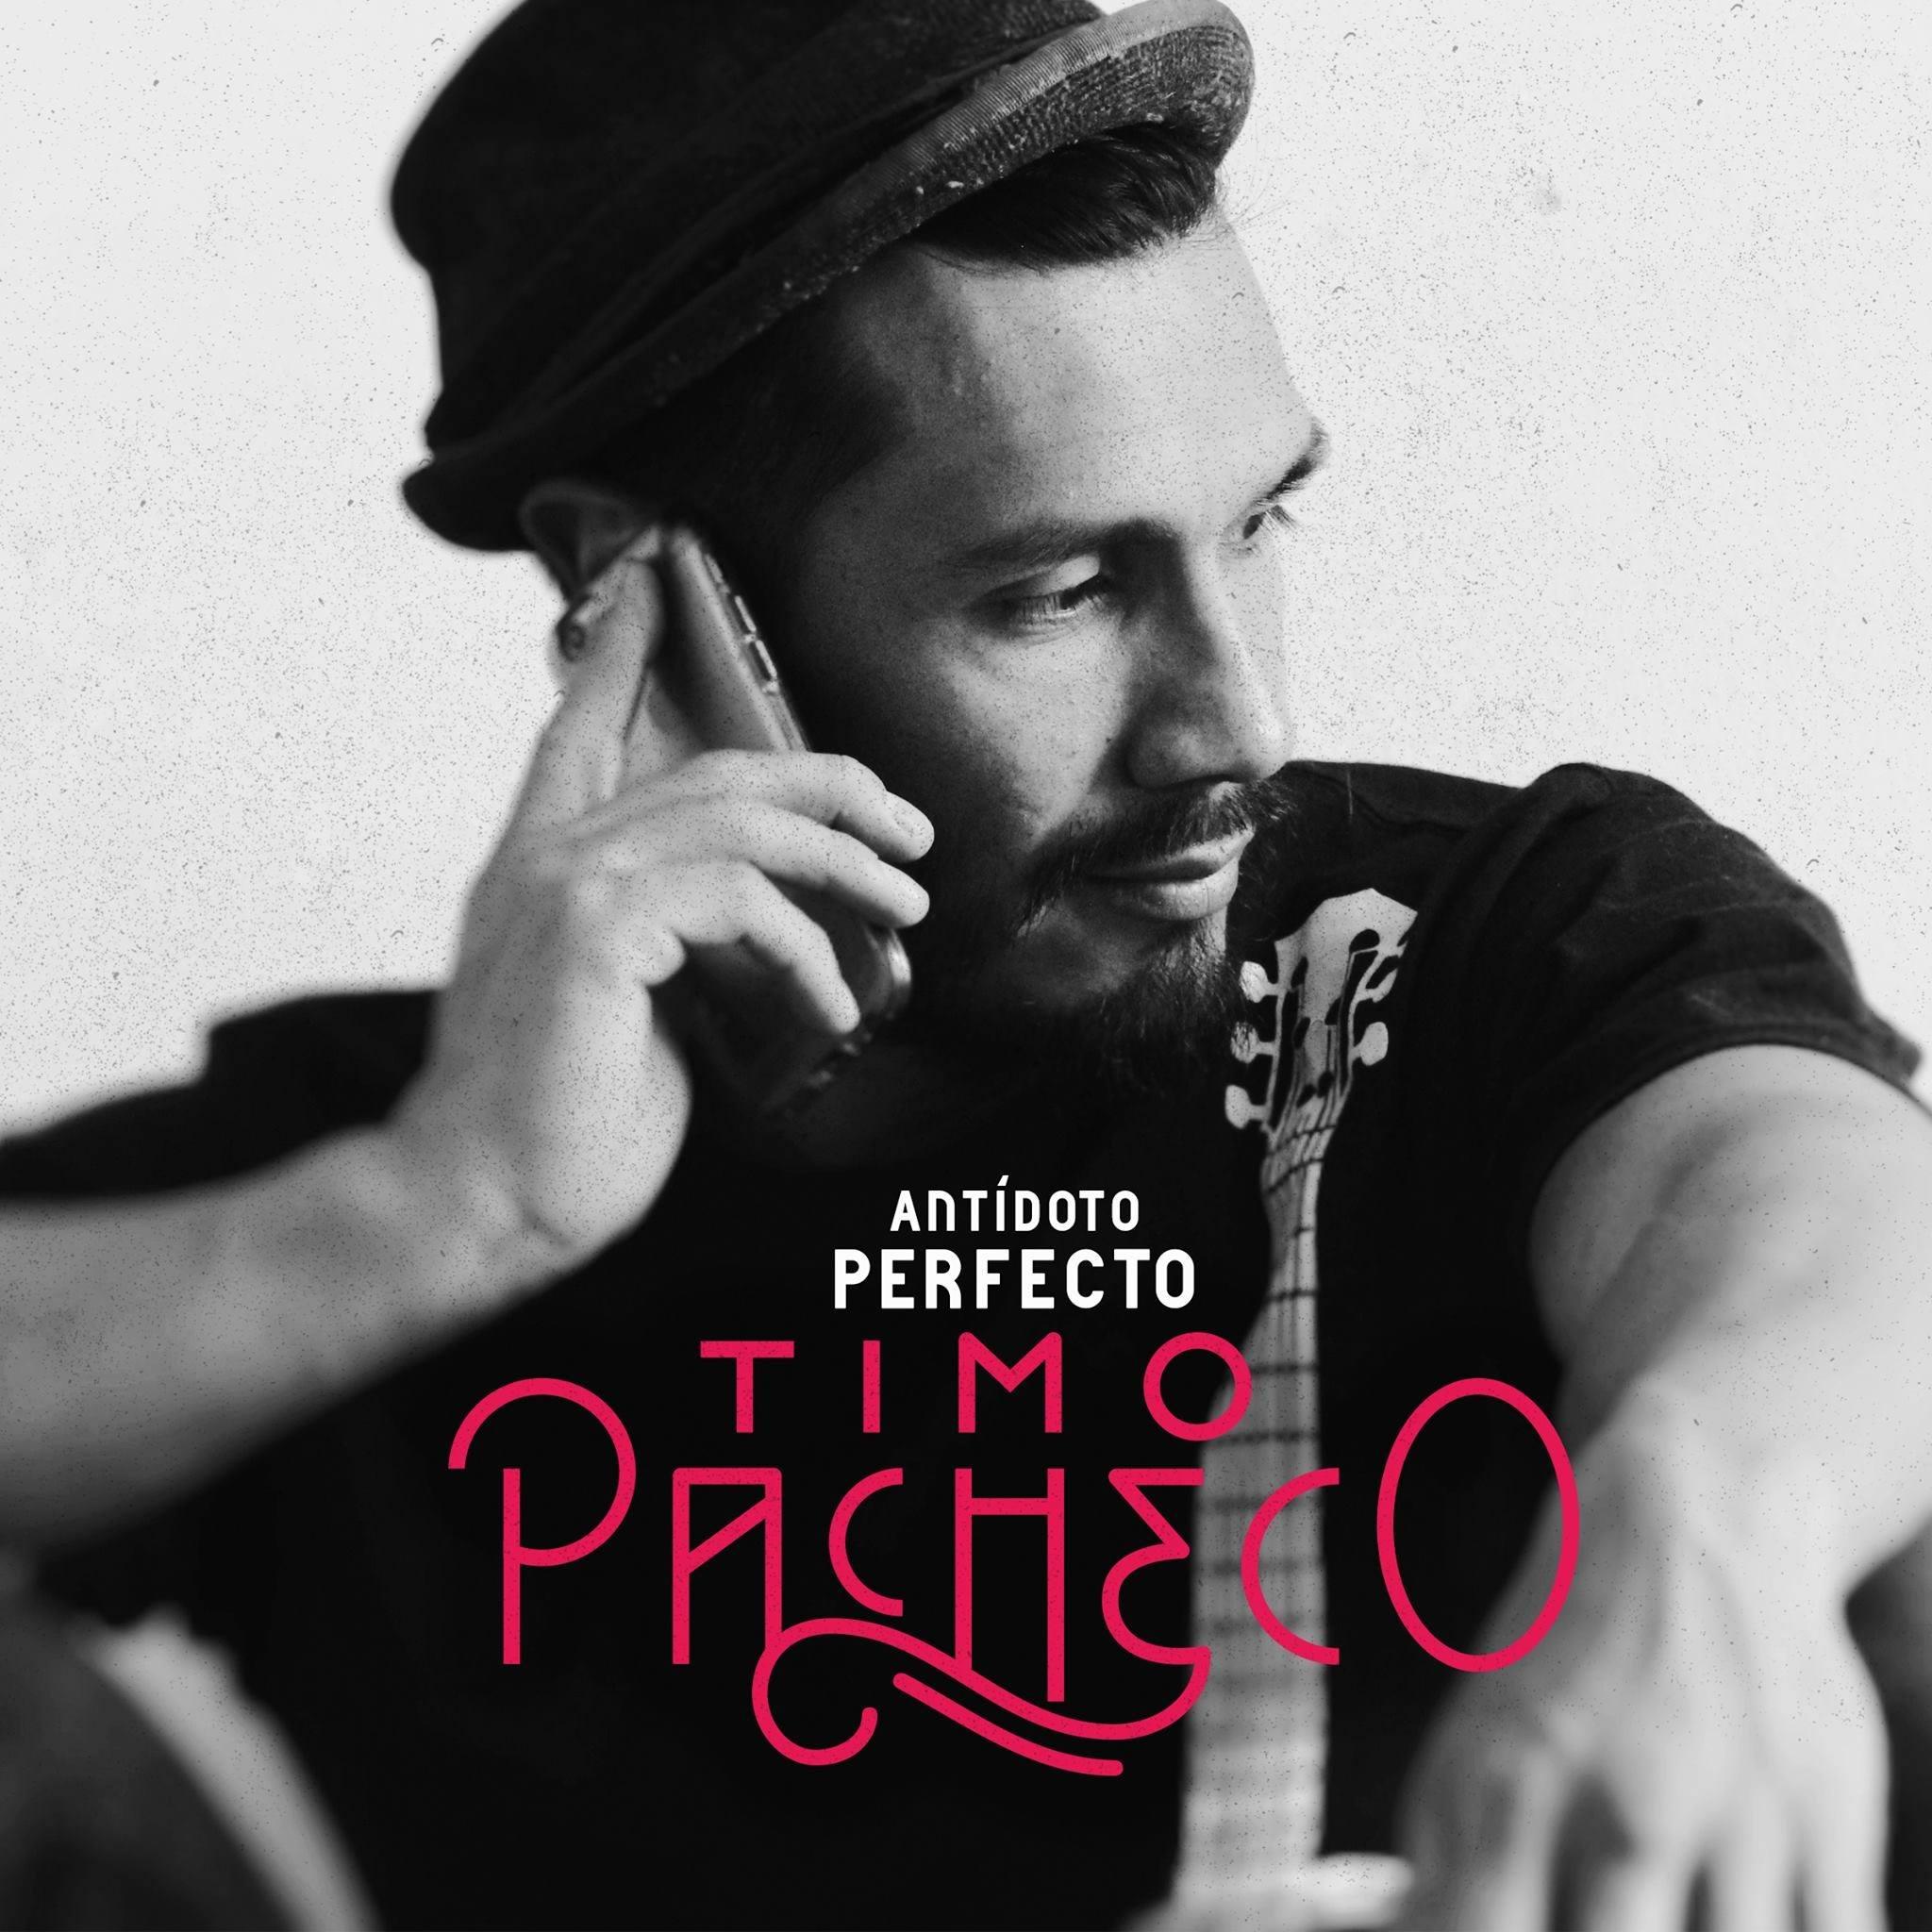 """TIMO PACHECO PRESENTA SU SENCILLO """"ANTÍDOTO PERFECTO"""""""